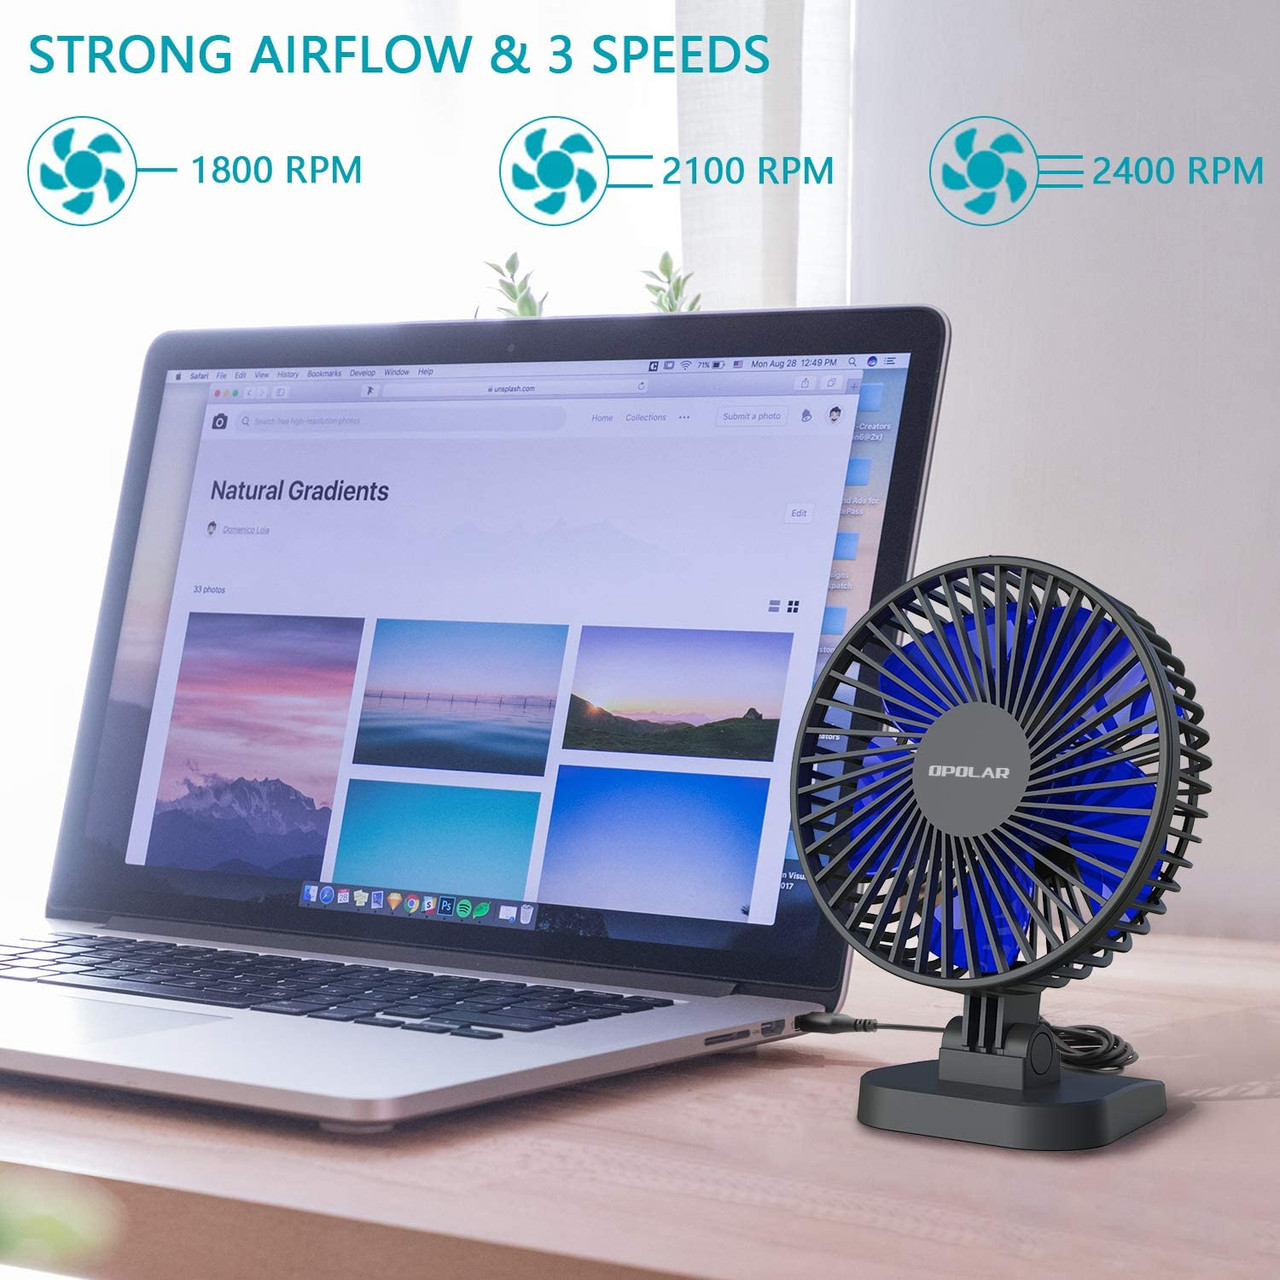 UHD 4k WiFI P2P USB Desktop Fan Nanny Cam W/ Live View WiFi + Dvr